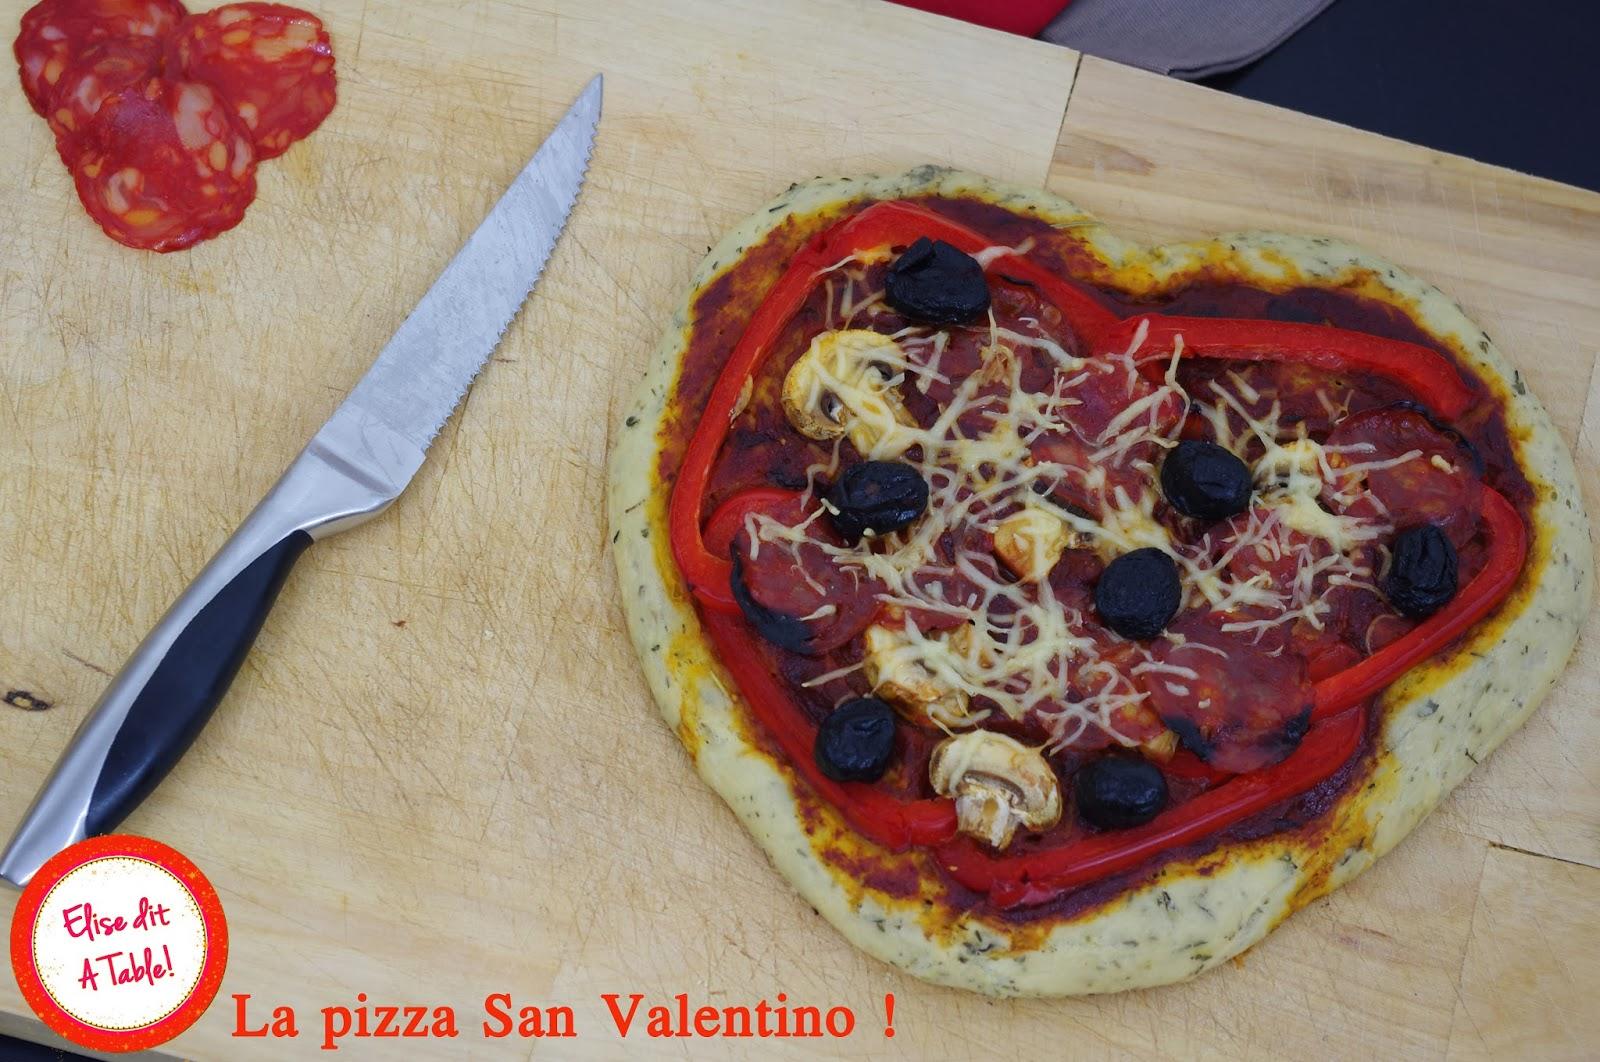 La pizza San Valentino